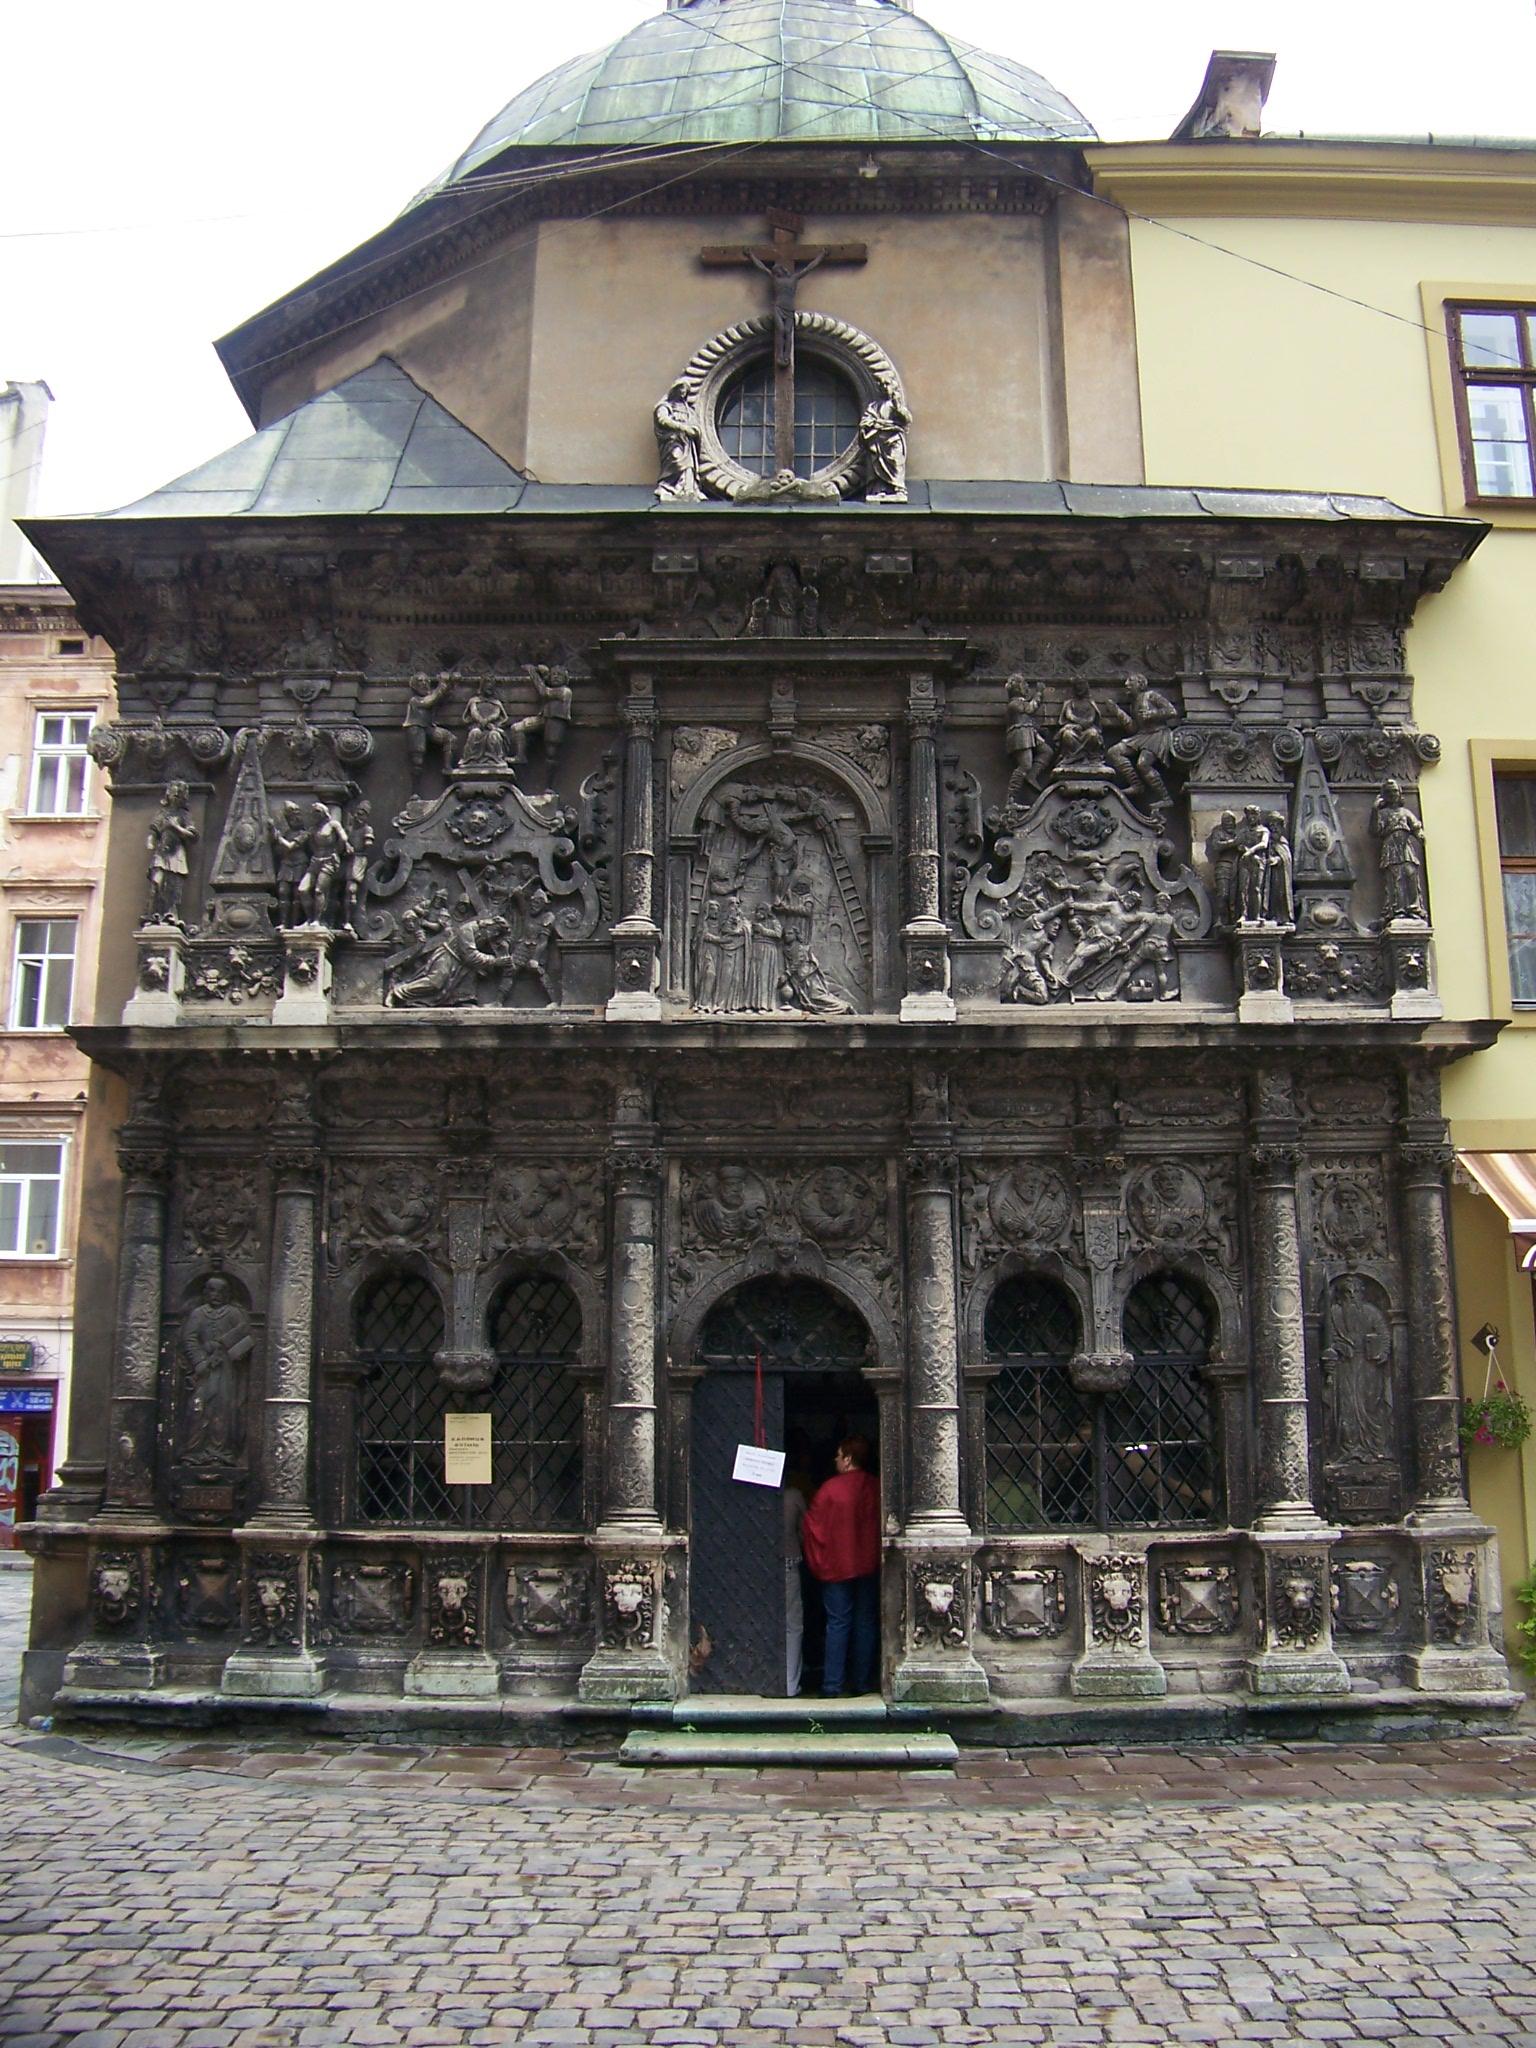 Ансамбль Кафедрального костелу у Львові каплиця Боїмів